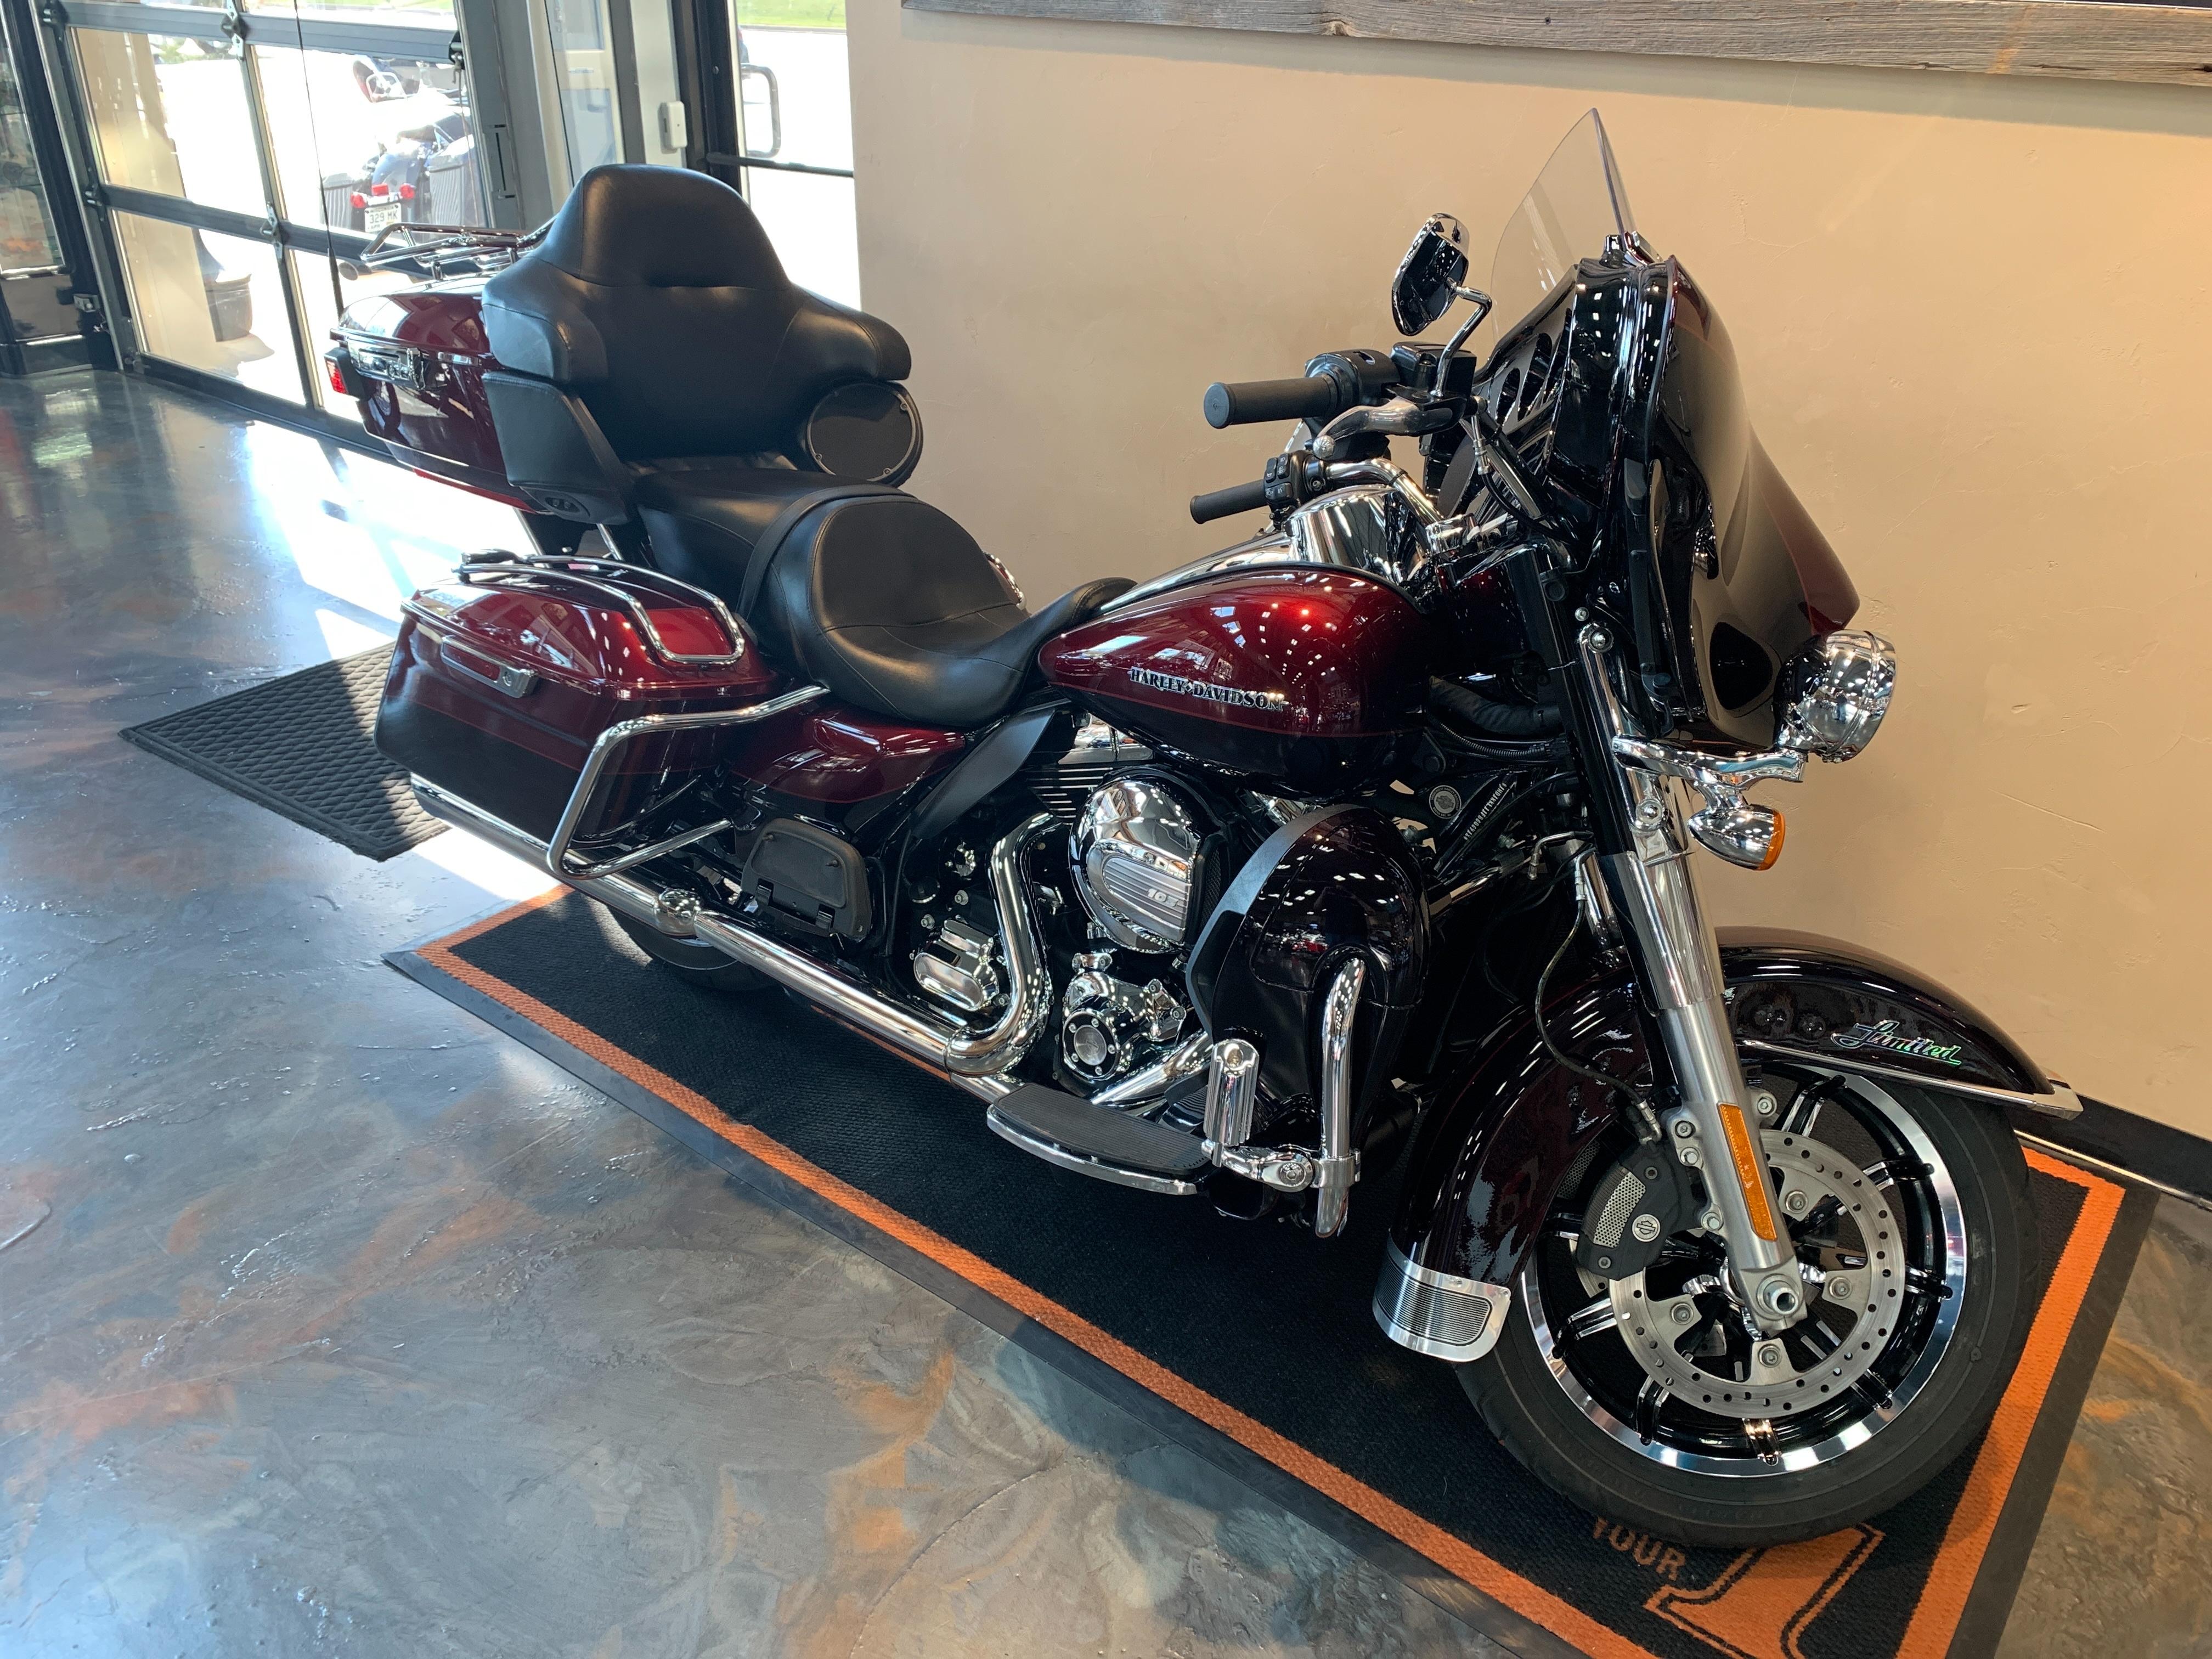 2015 Harley-Davidson Electra Glide Ultra Limited Low at Vandervest Harley-Davidson, Green Bay, WI 54303